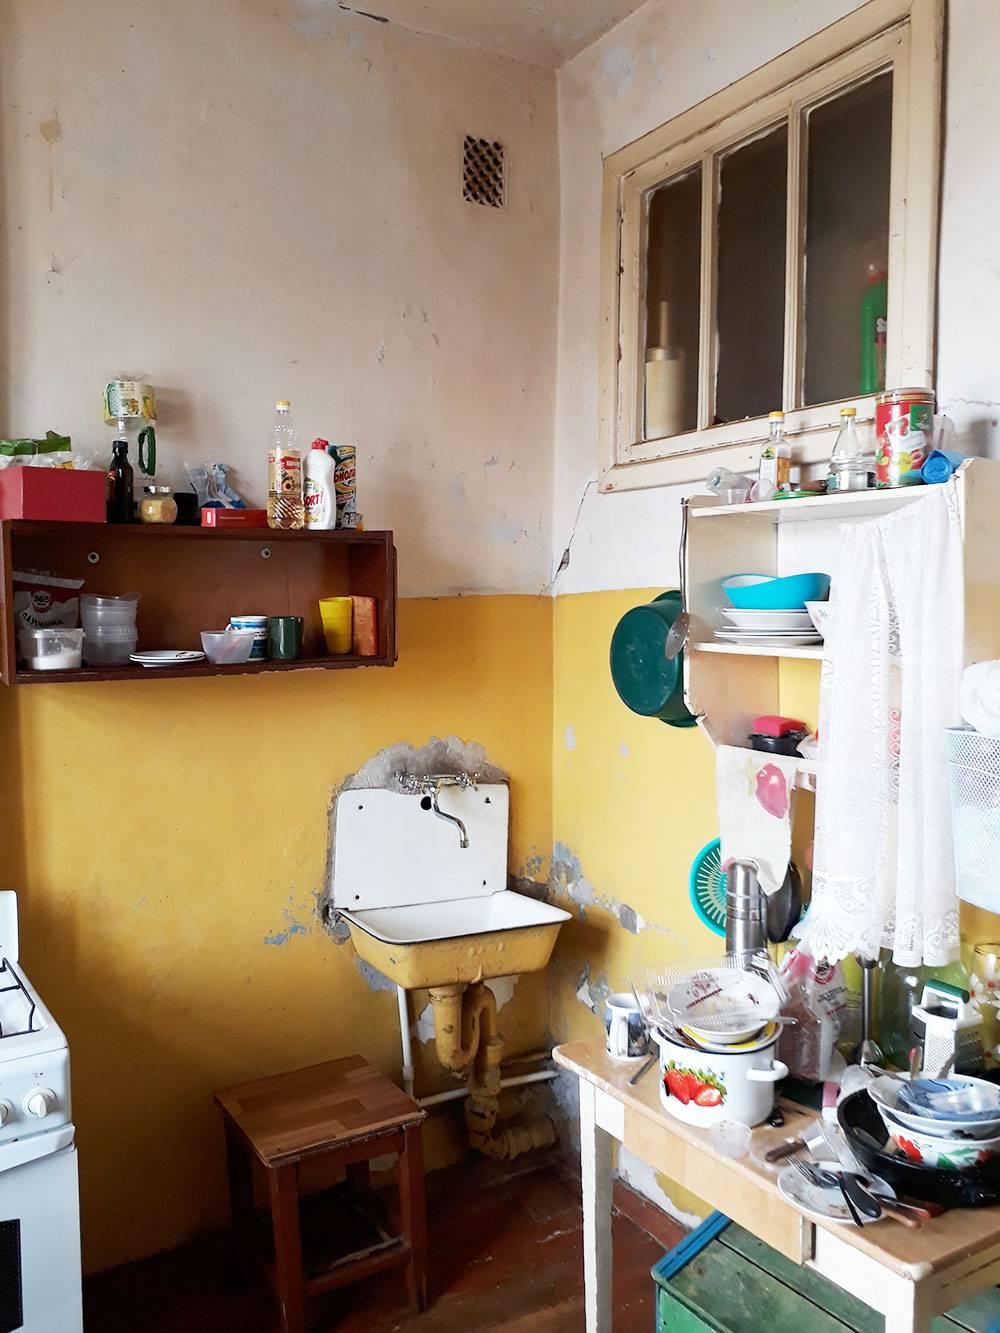 Справа кухонная зона семьи из комнаты №3